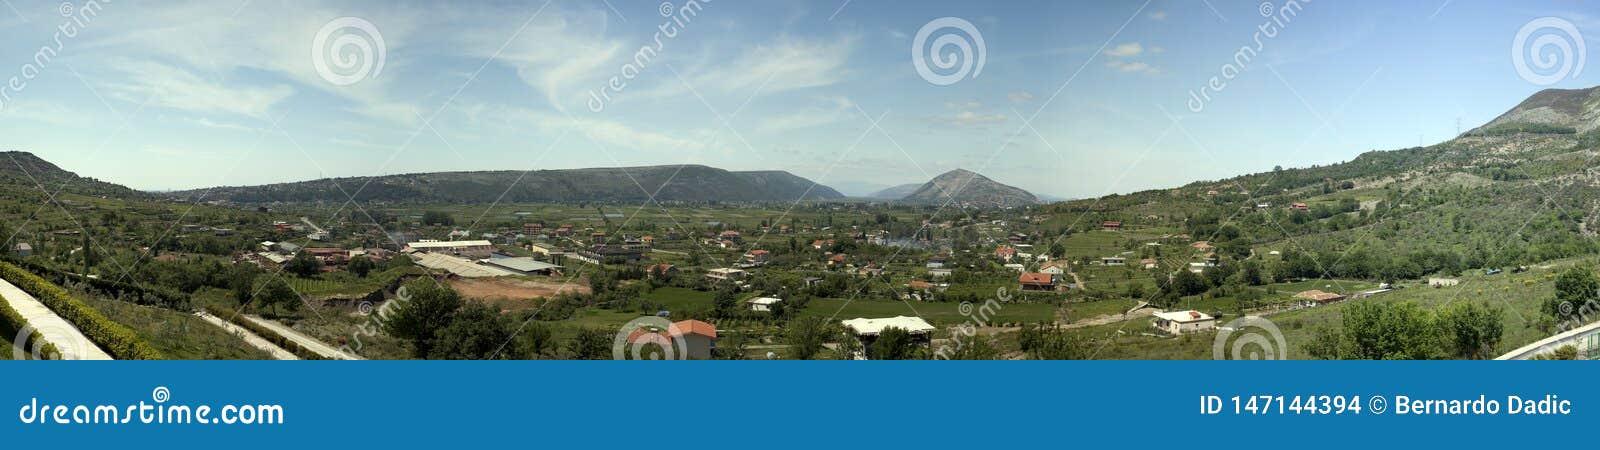 Panorama del valle en Albania fotos